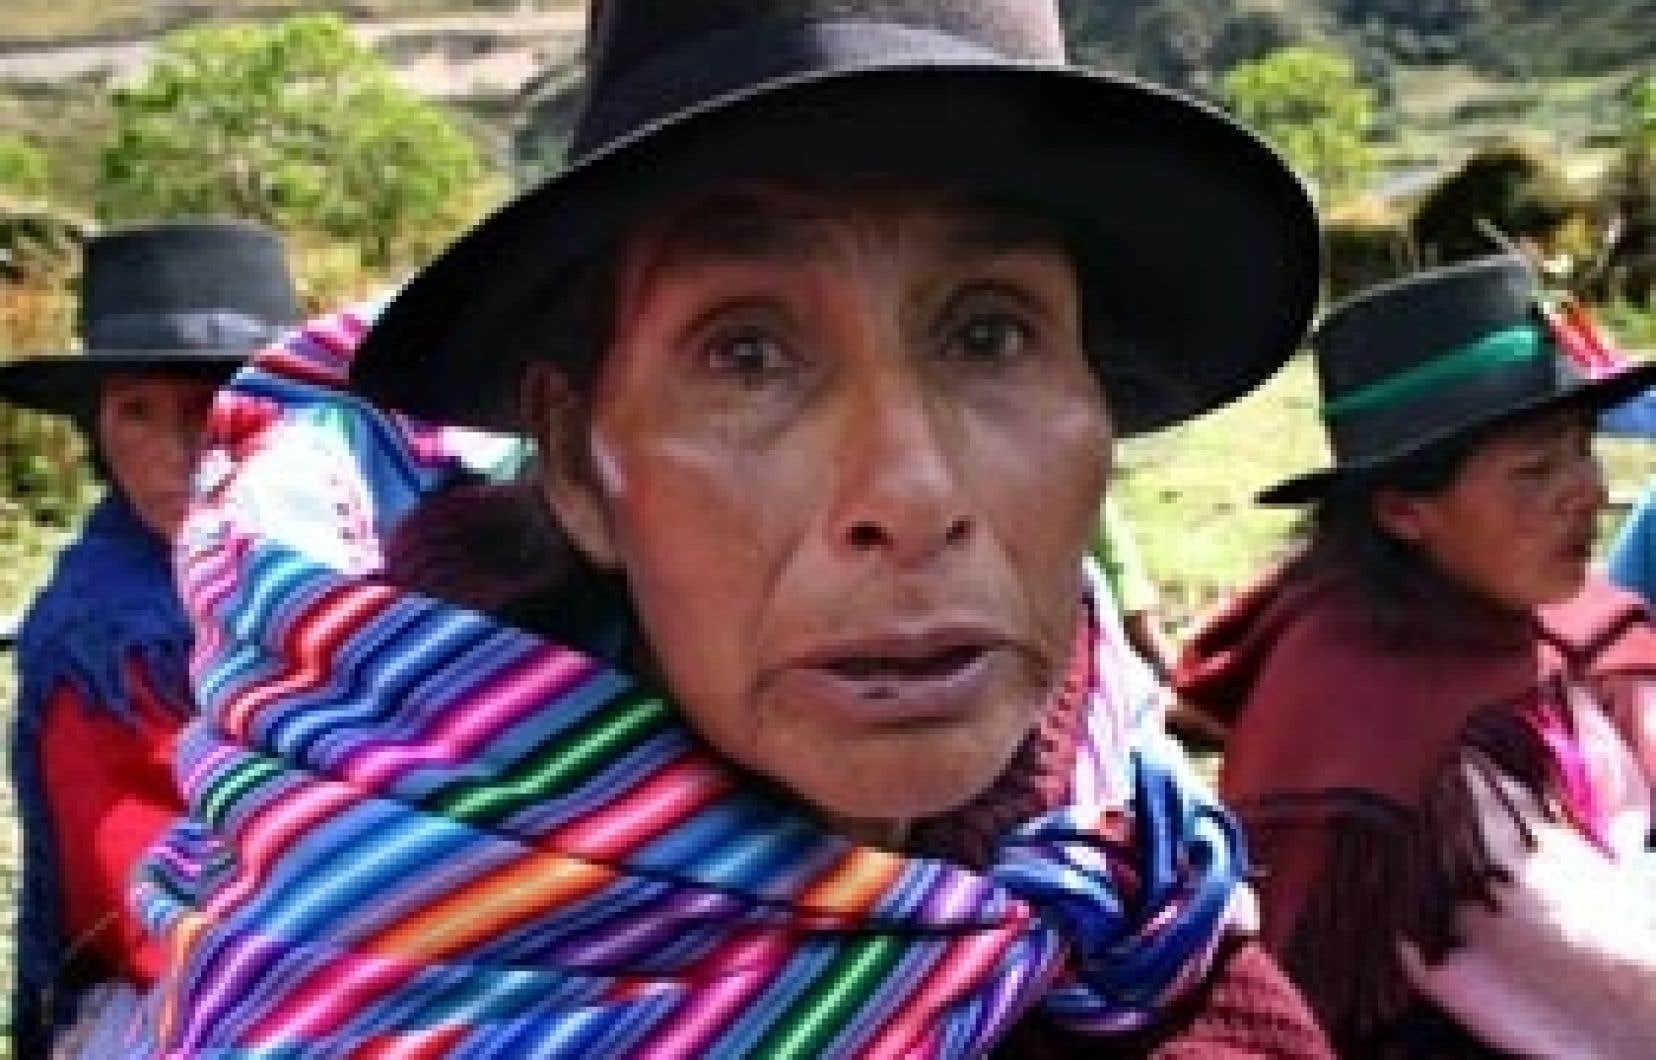 Le conflit impliquant la guérilla maoïste a fait 70 000 morts au Pérou entre 1980 et 2000.